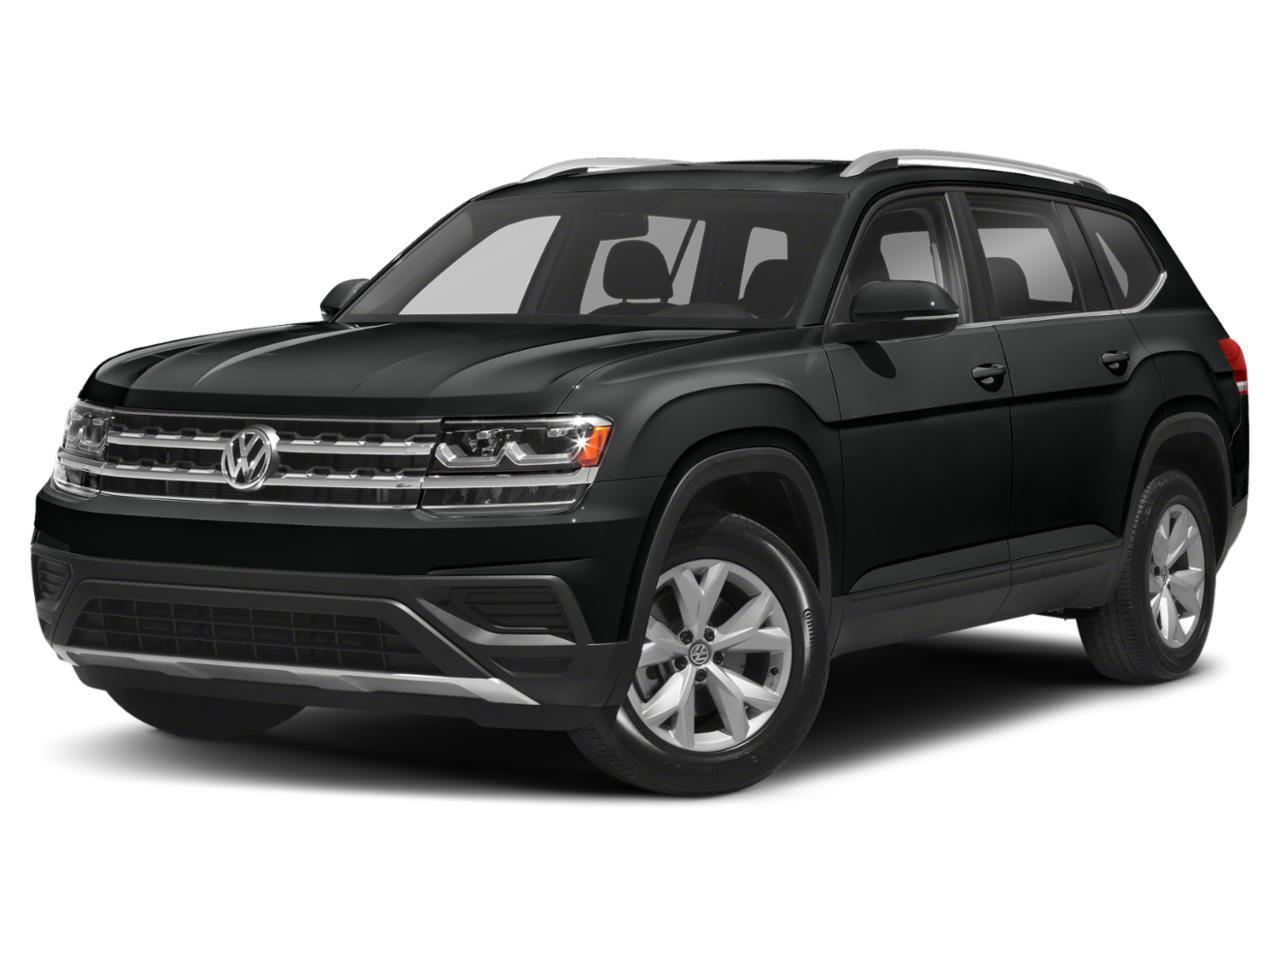 2019 Volkswagen Atlas Vehicle Photo in Denver, CO 80123